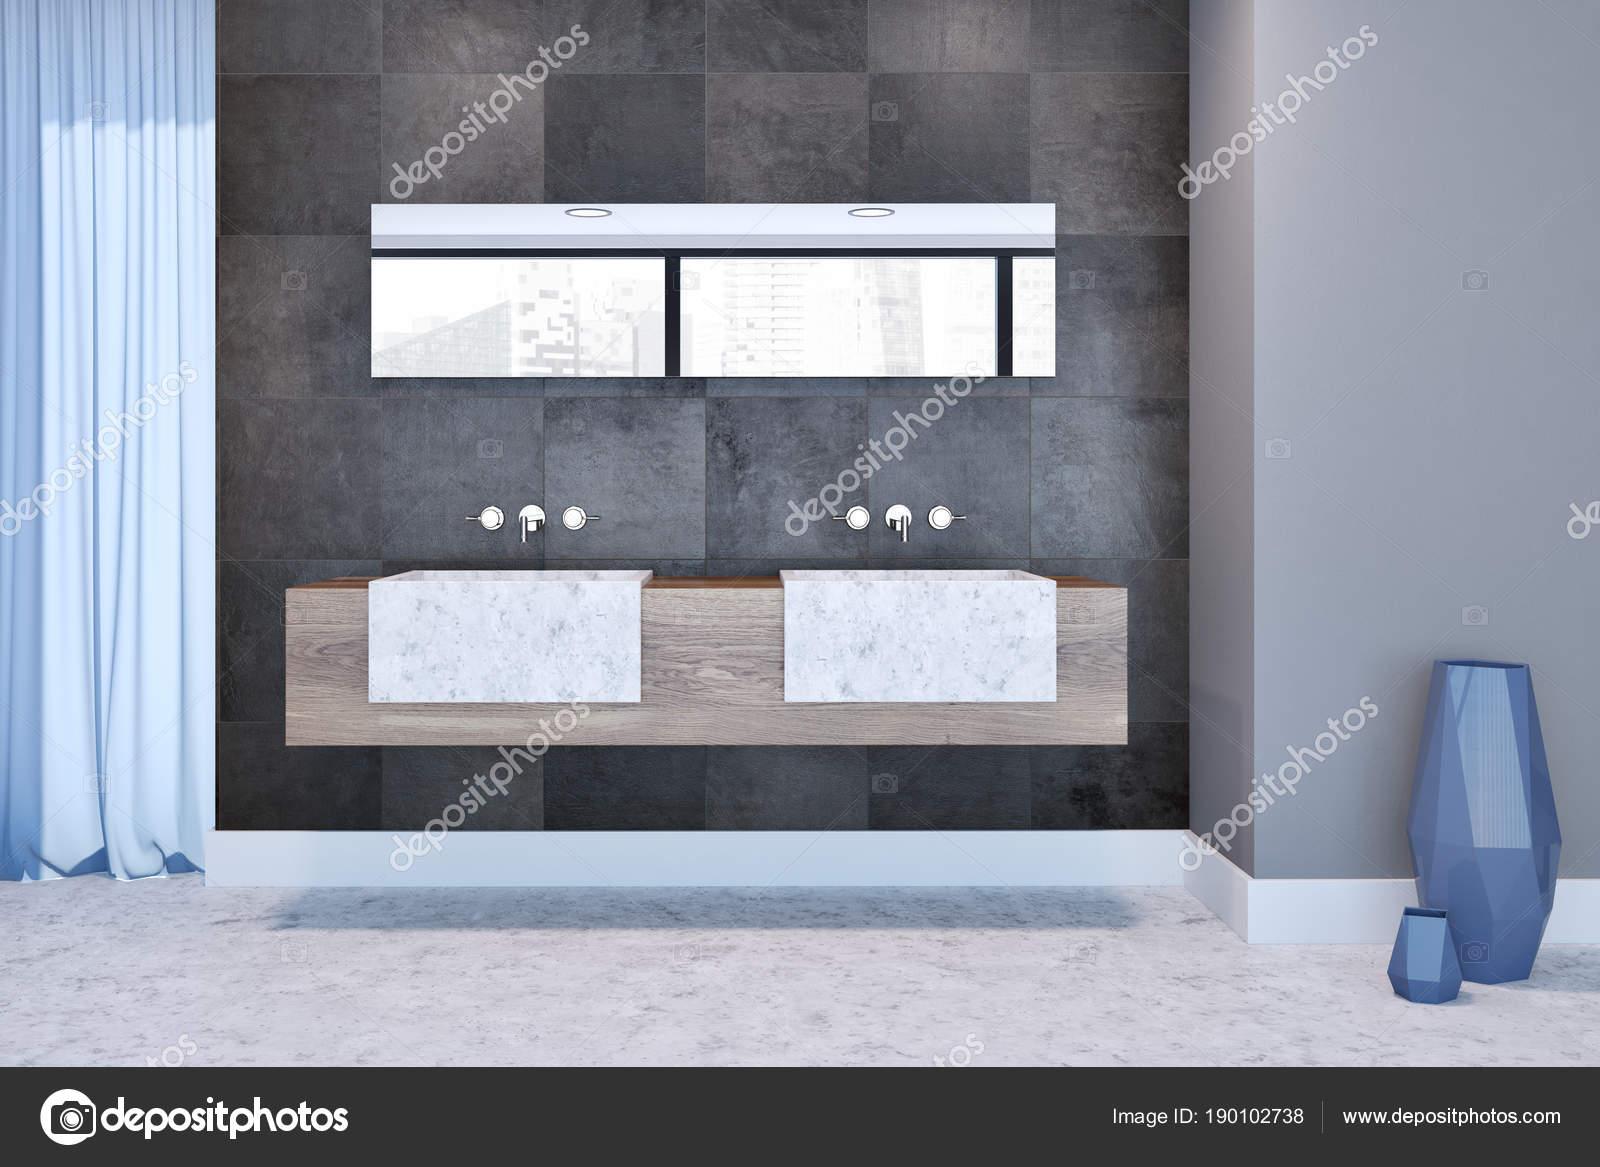 Graue Fliesen Badezimmer Interieur, Doppel Waschbecken U2014 Stockfoto